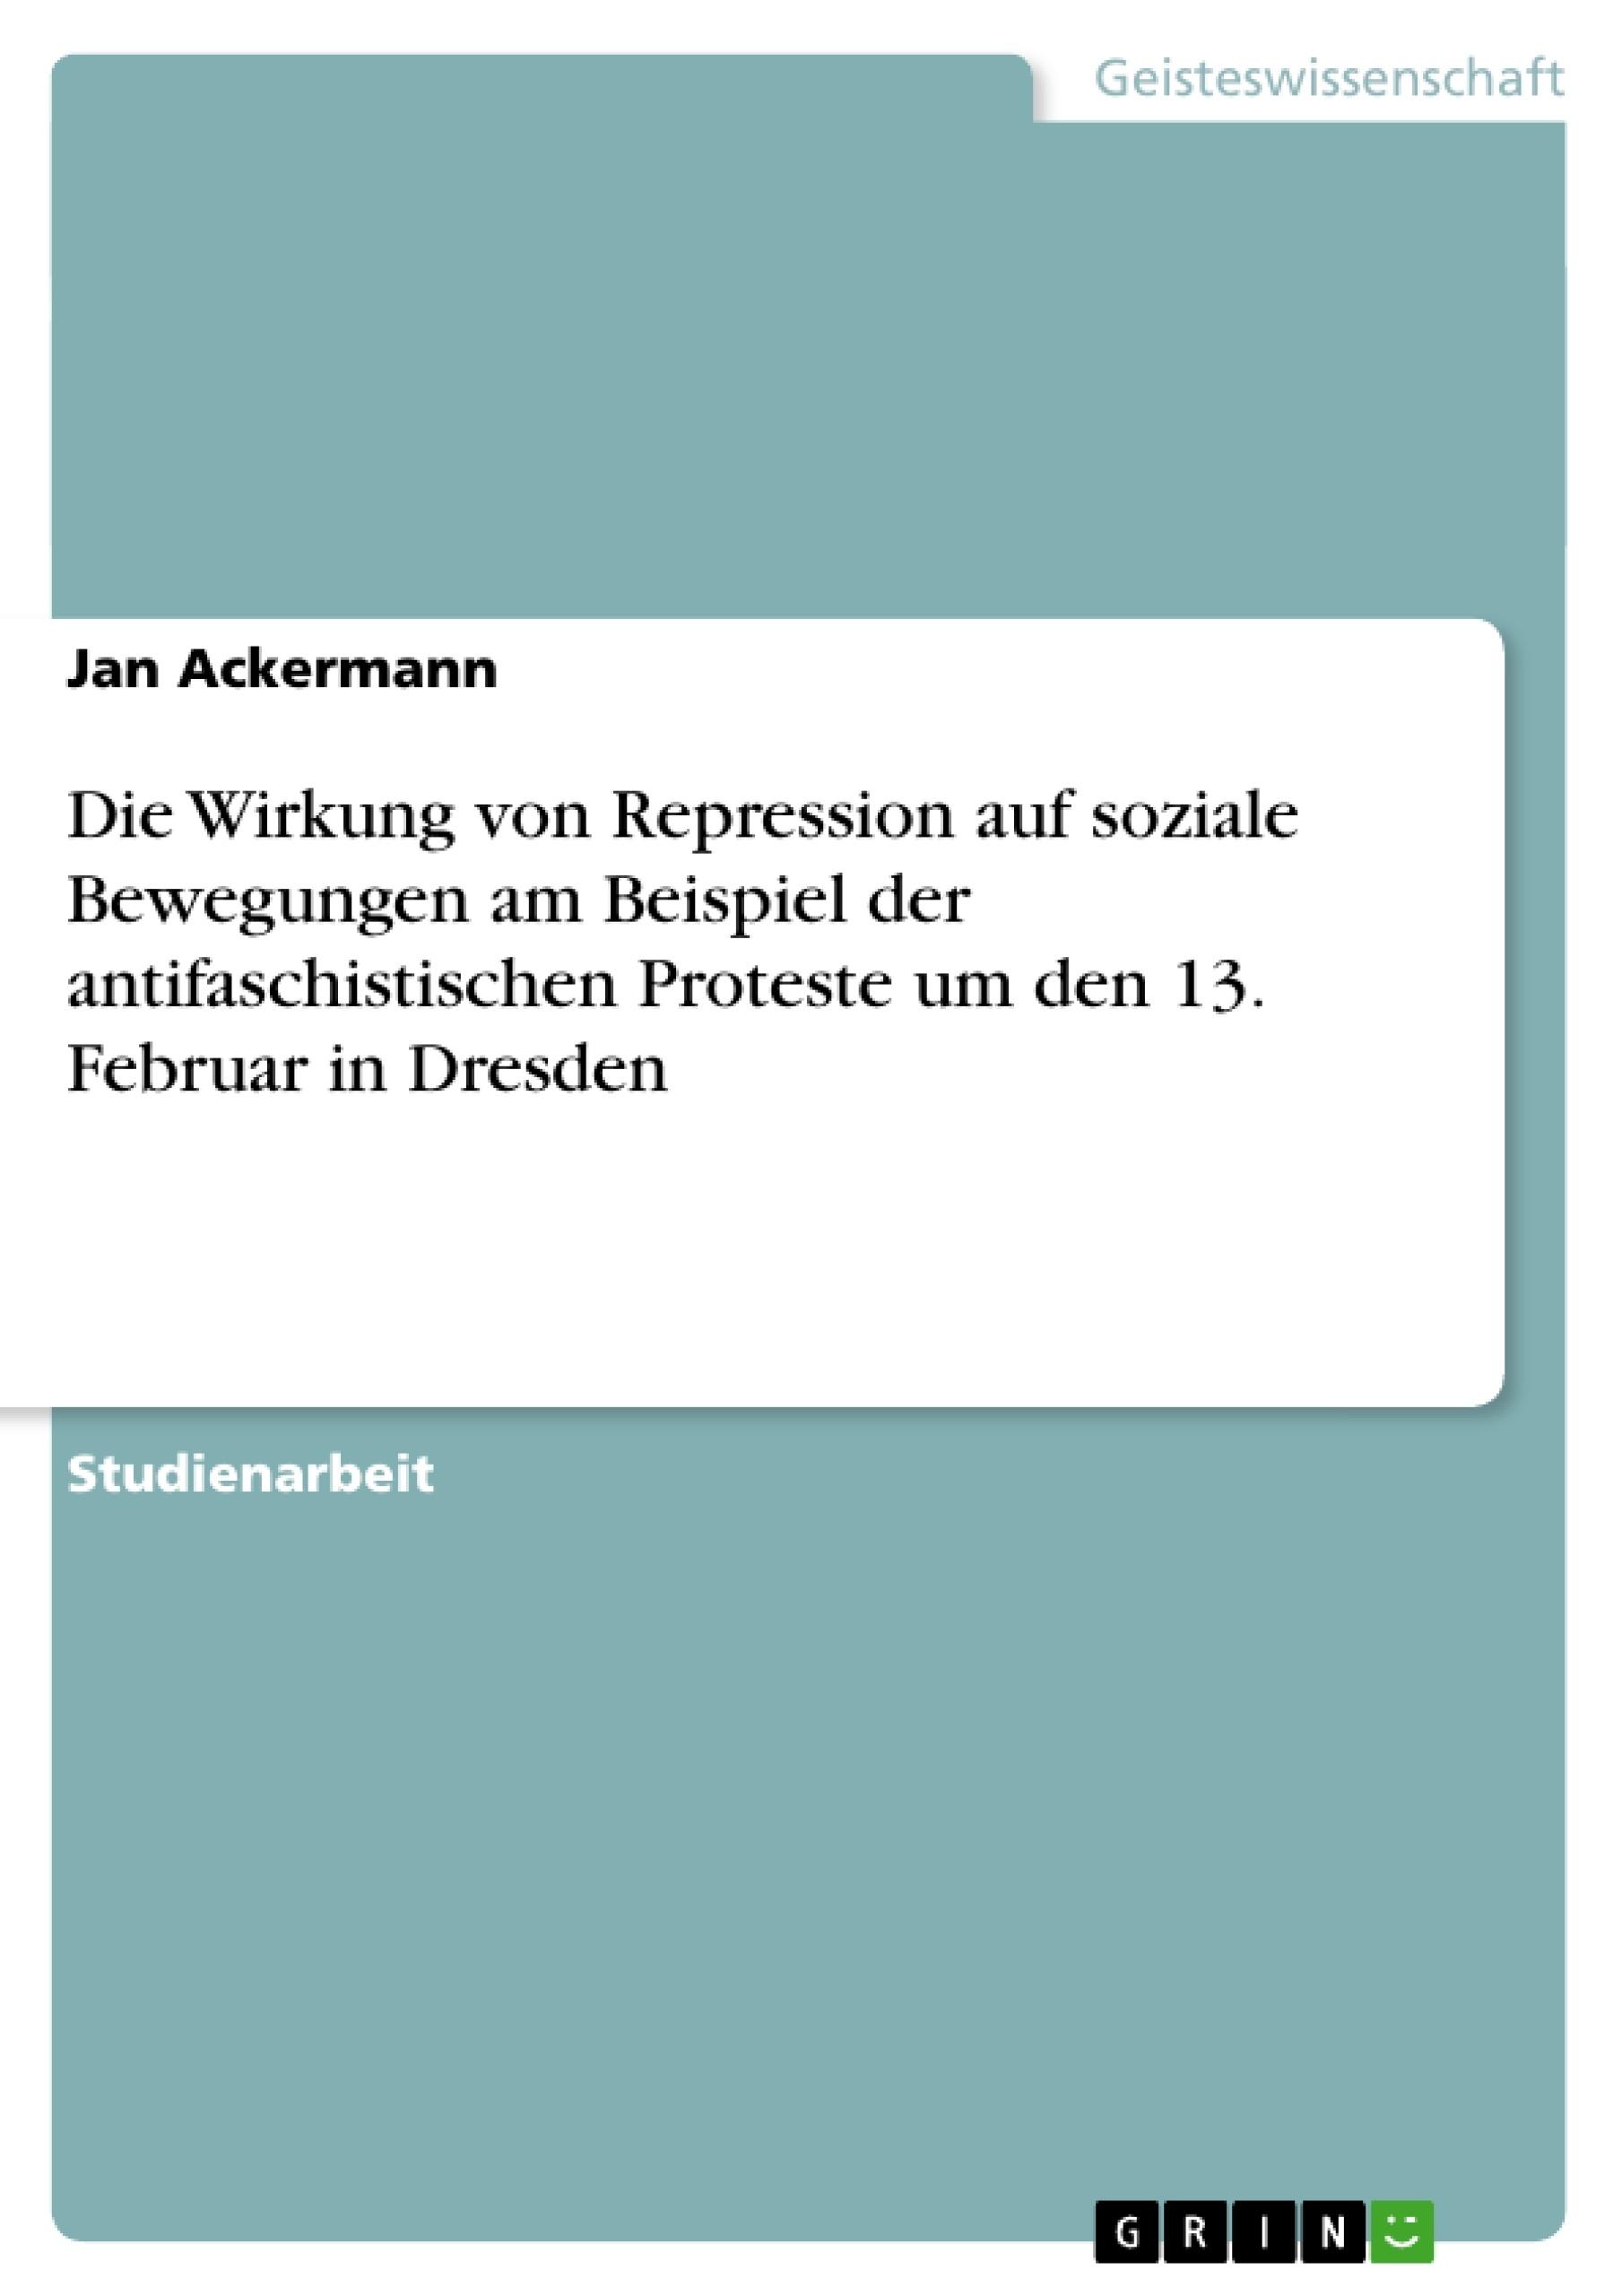 Titel: Die Wirkung von Repression auf soziale Bewegungen am Beispiel der antifaschistischen Proteste um den 13. Februar in Dresden